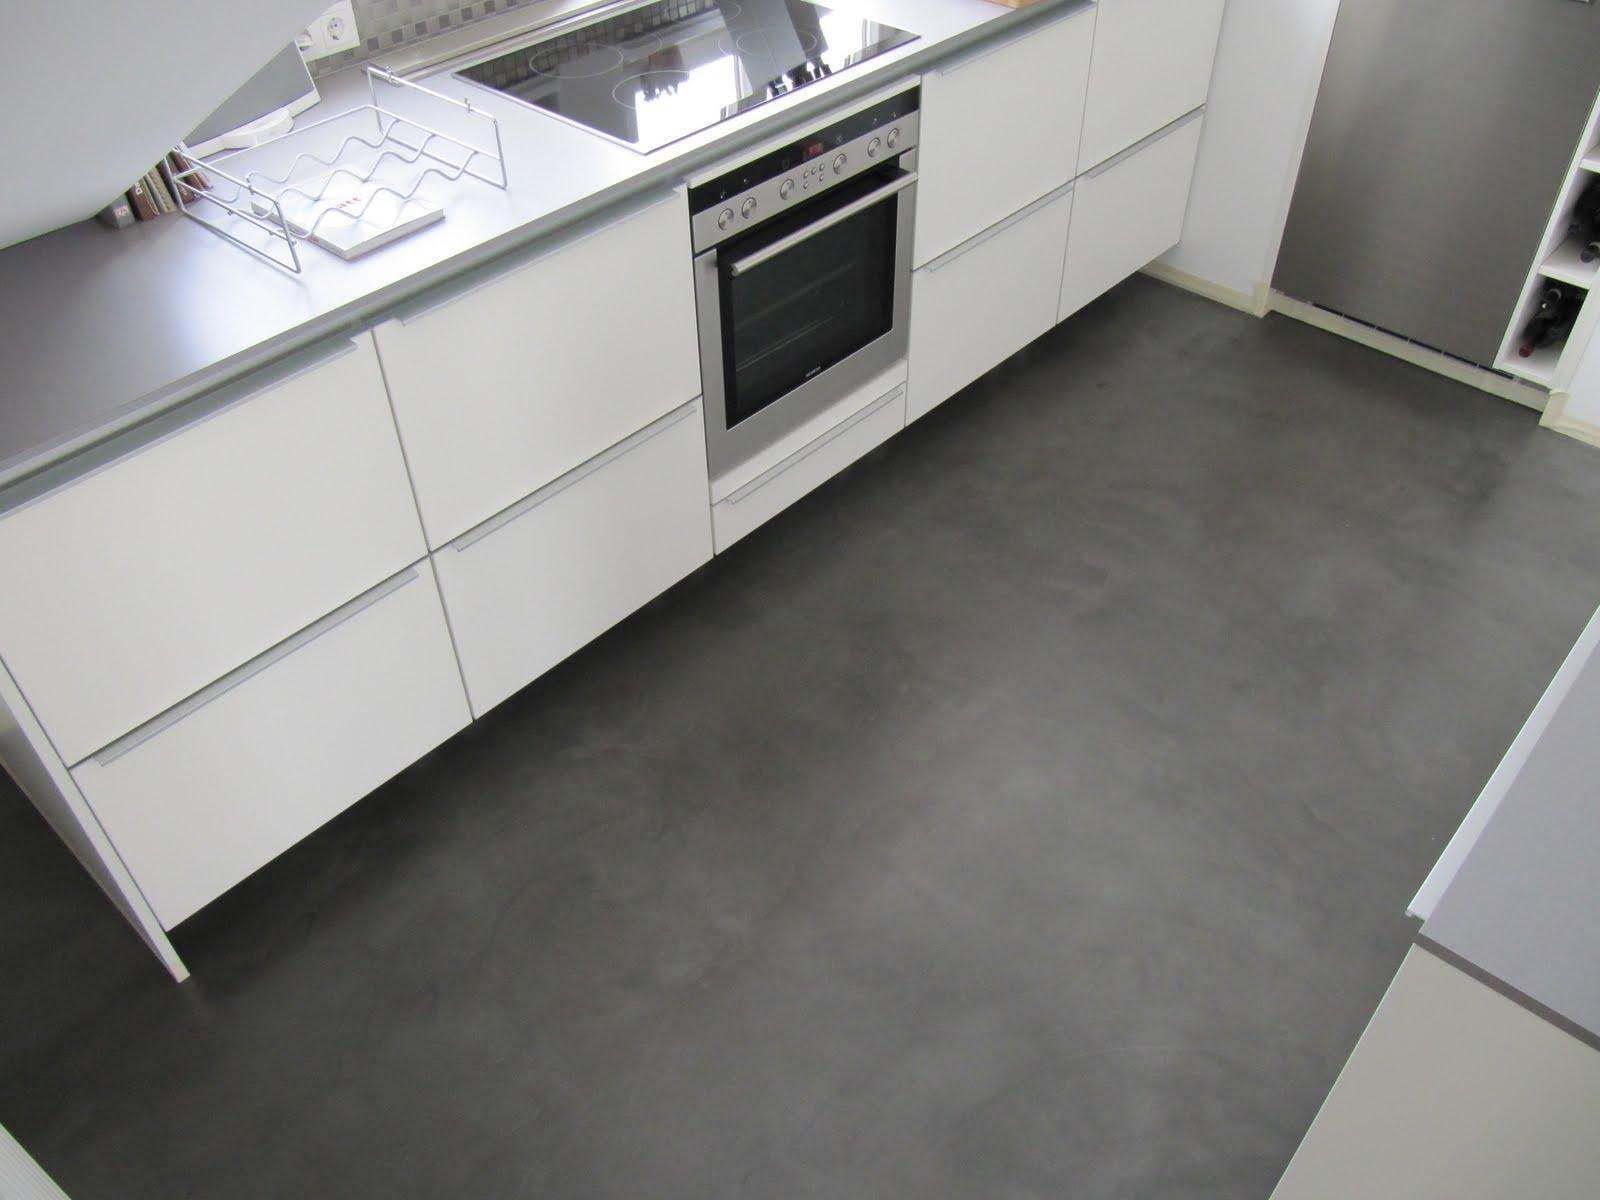 Linoleum Vloer Badkamer : Linoleum vloer betonlook. maak kennis met de meest duurzame vloer